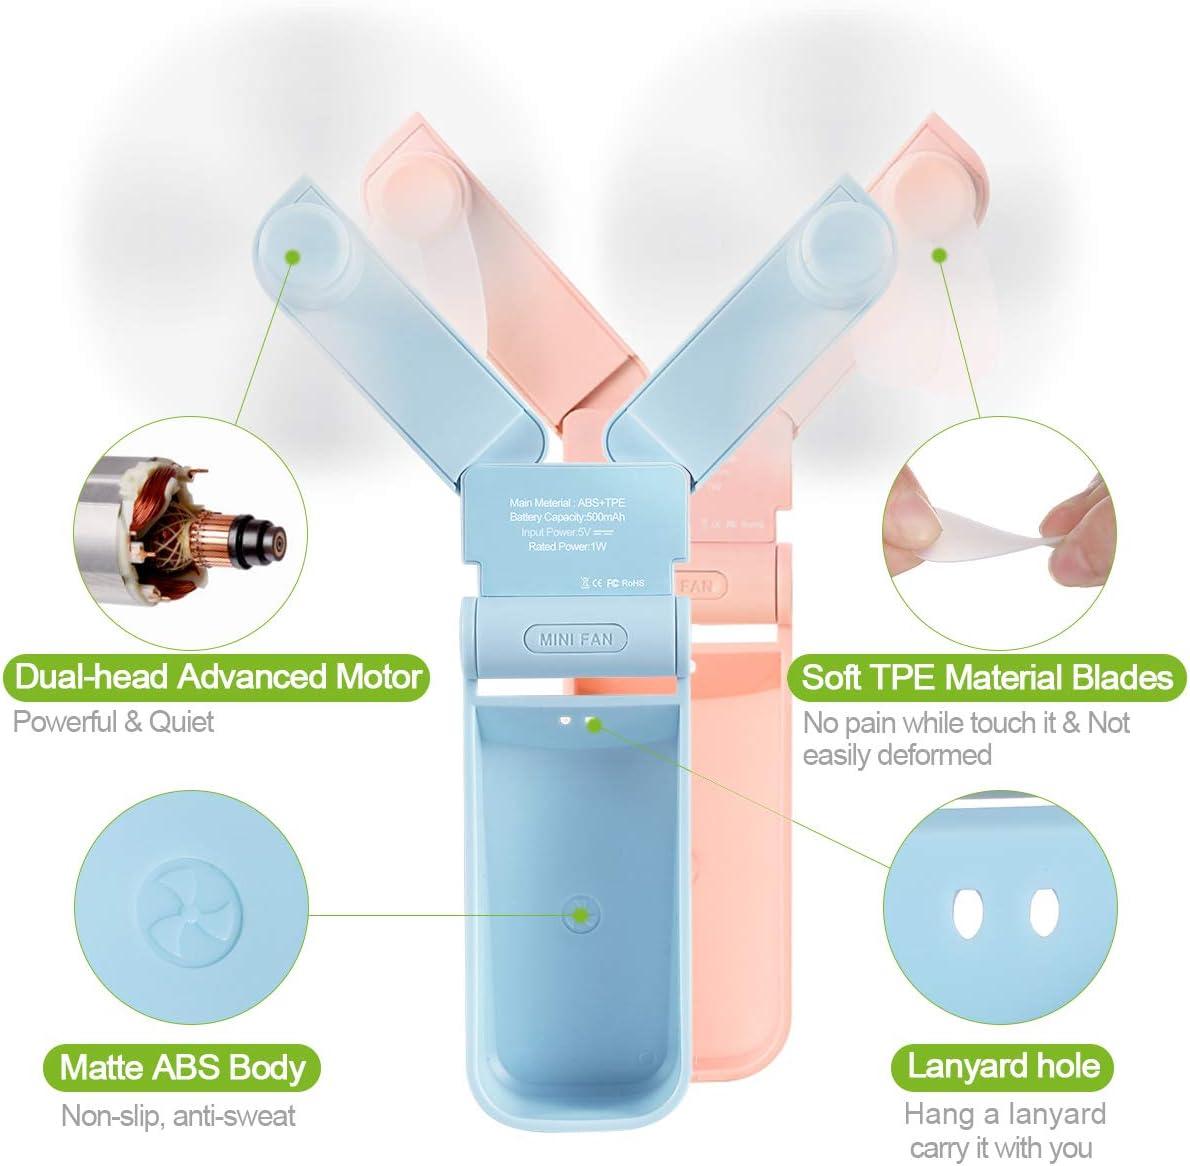 Bayline Mini Portable Fan Handheld Fan Rechargeable Mini Fan Battery Operated Pocket Fan Dual Head Fan for Travel Office Camping Hiking 2 Speeds Strong Wind Pink